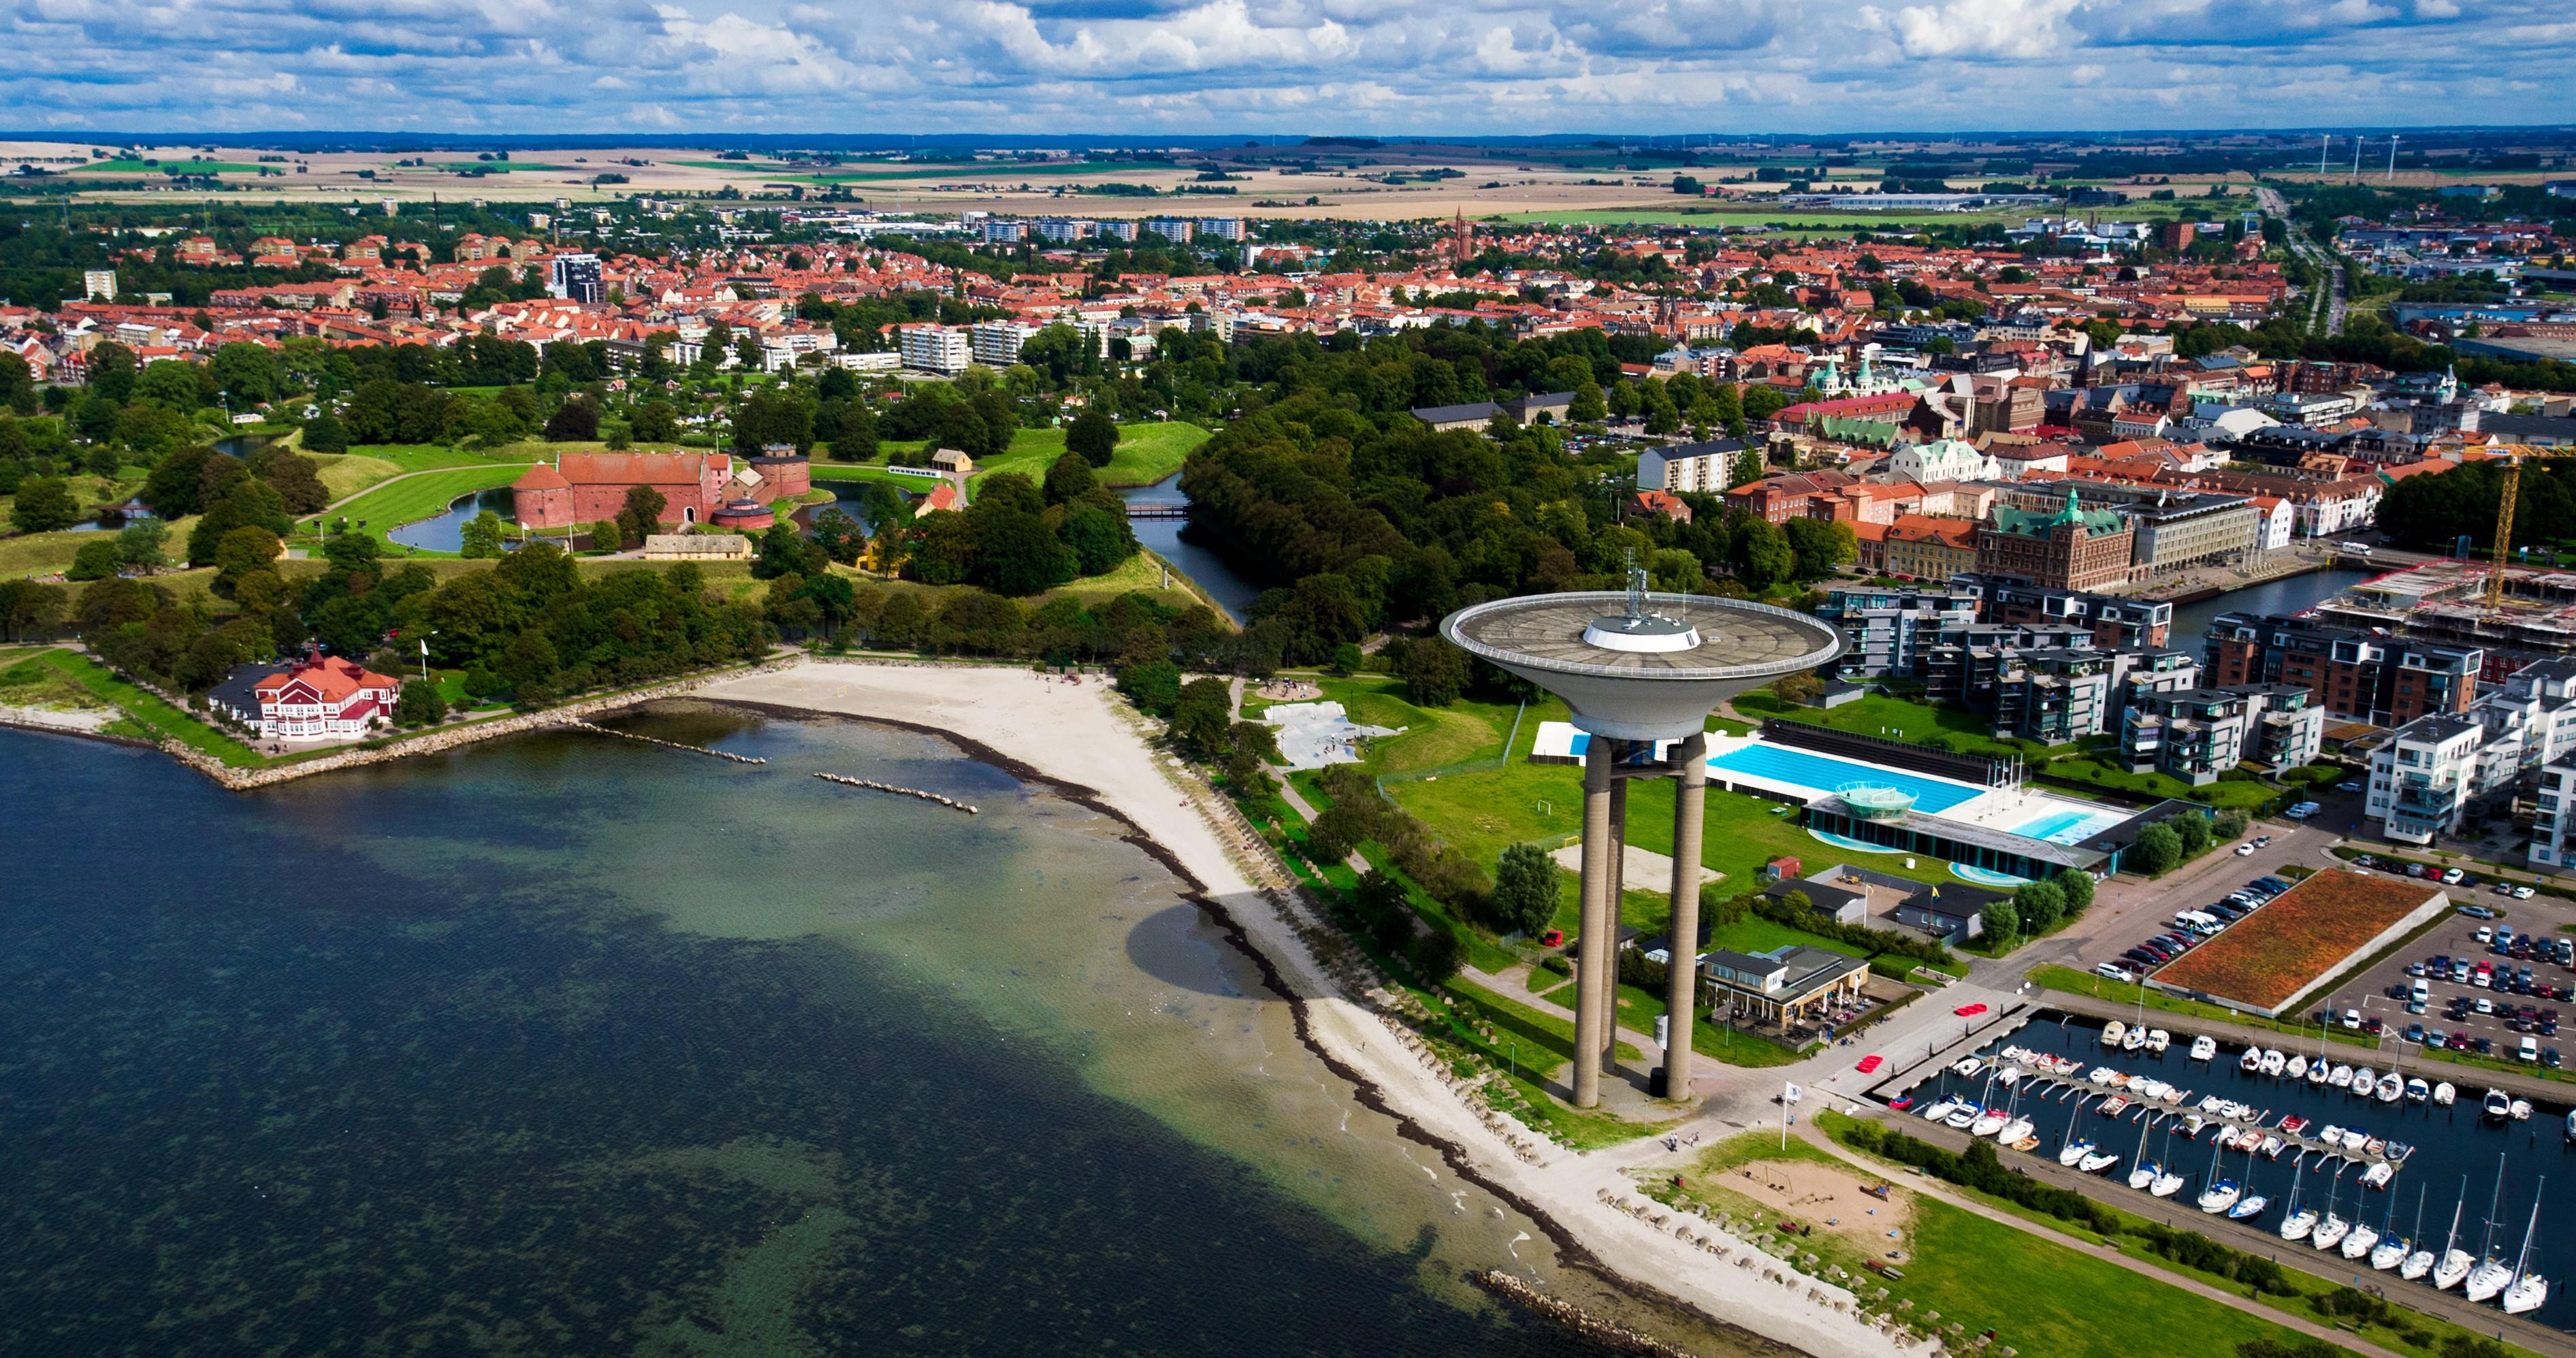 CK Fix Sndagscross p Jravallen/ i Saxtorpsskogen at